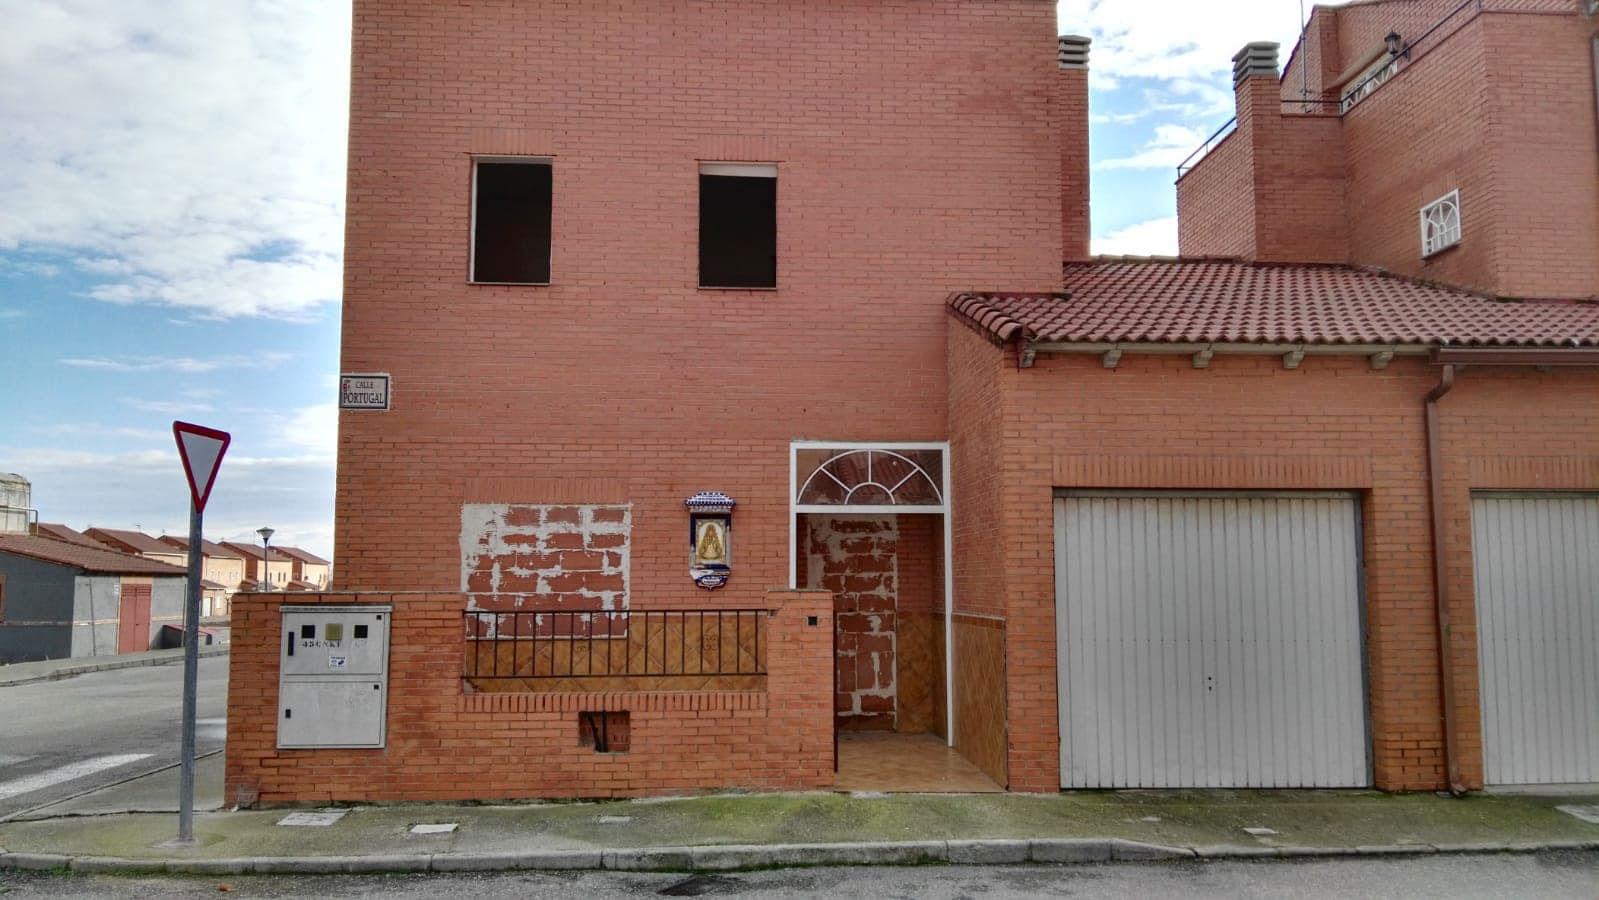 Casa en venta en Chozas de Canmales, Chozas de Canales, Toledo, Calle Portugal, 95.337 €, 4 habitaciones, 1 baño, 178 m2